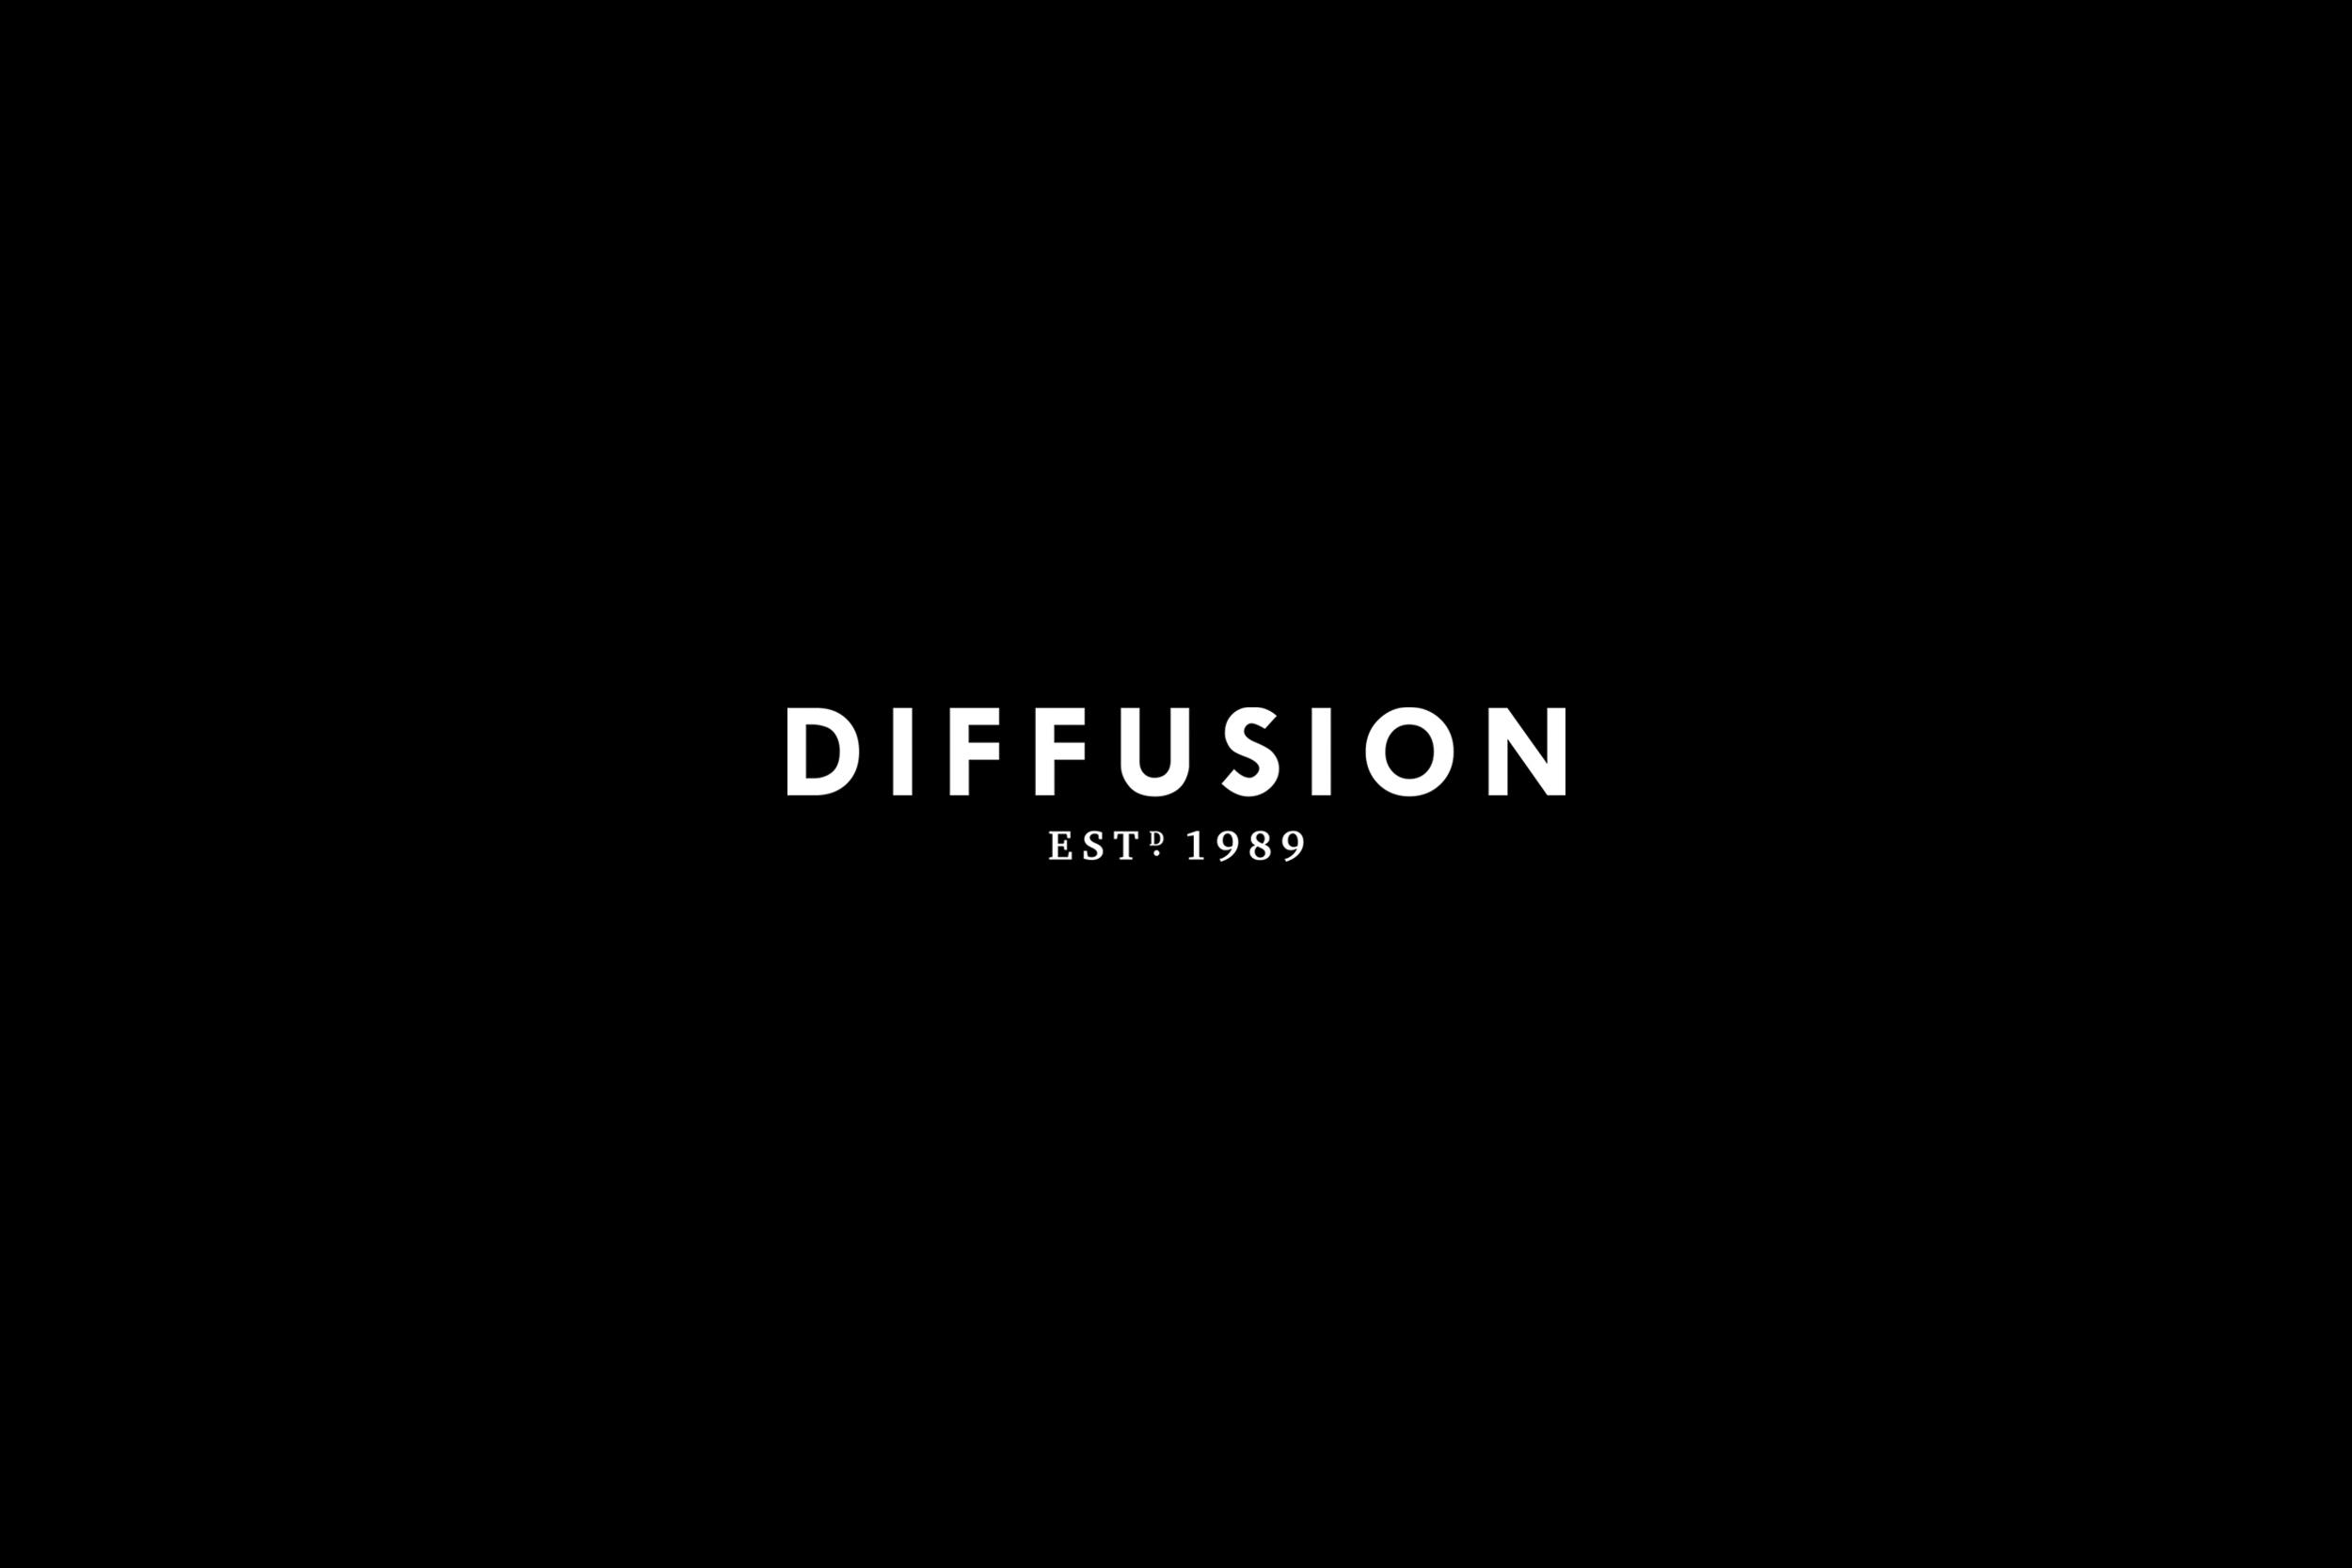 Diffusion by Wah Wah Lab - Logo Design.jpg